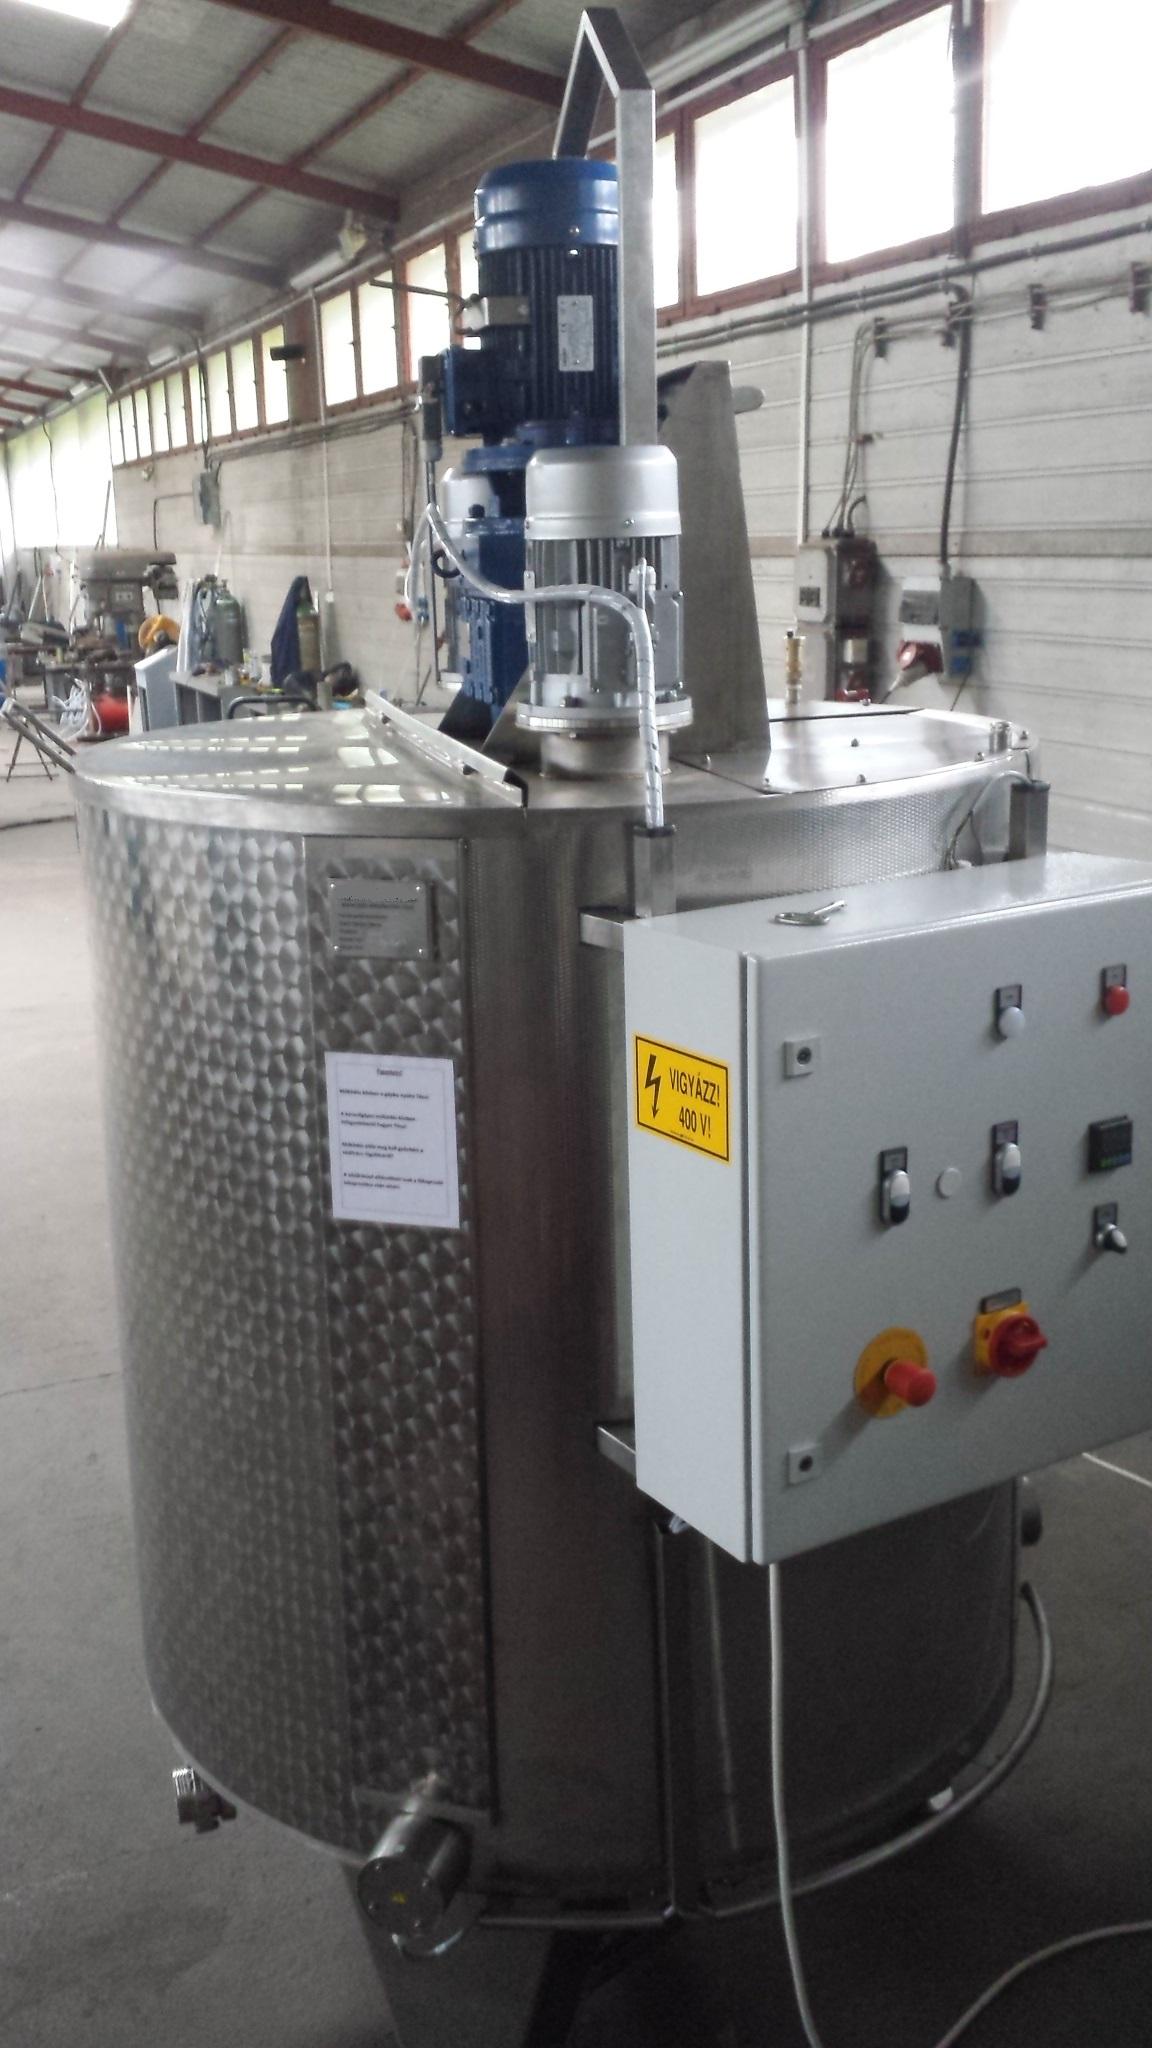 Keverő tartály hűthető - fűthető - hőszigetelt